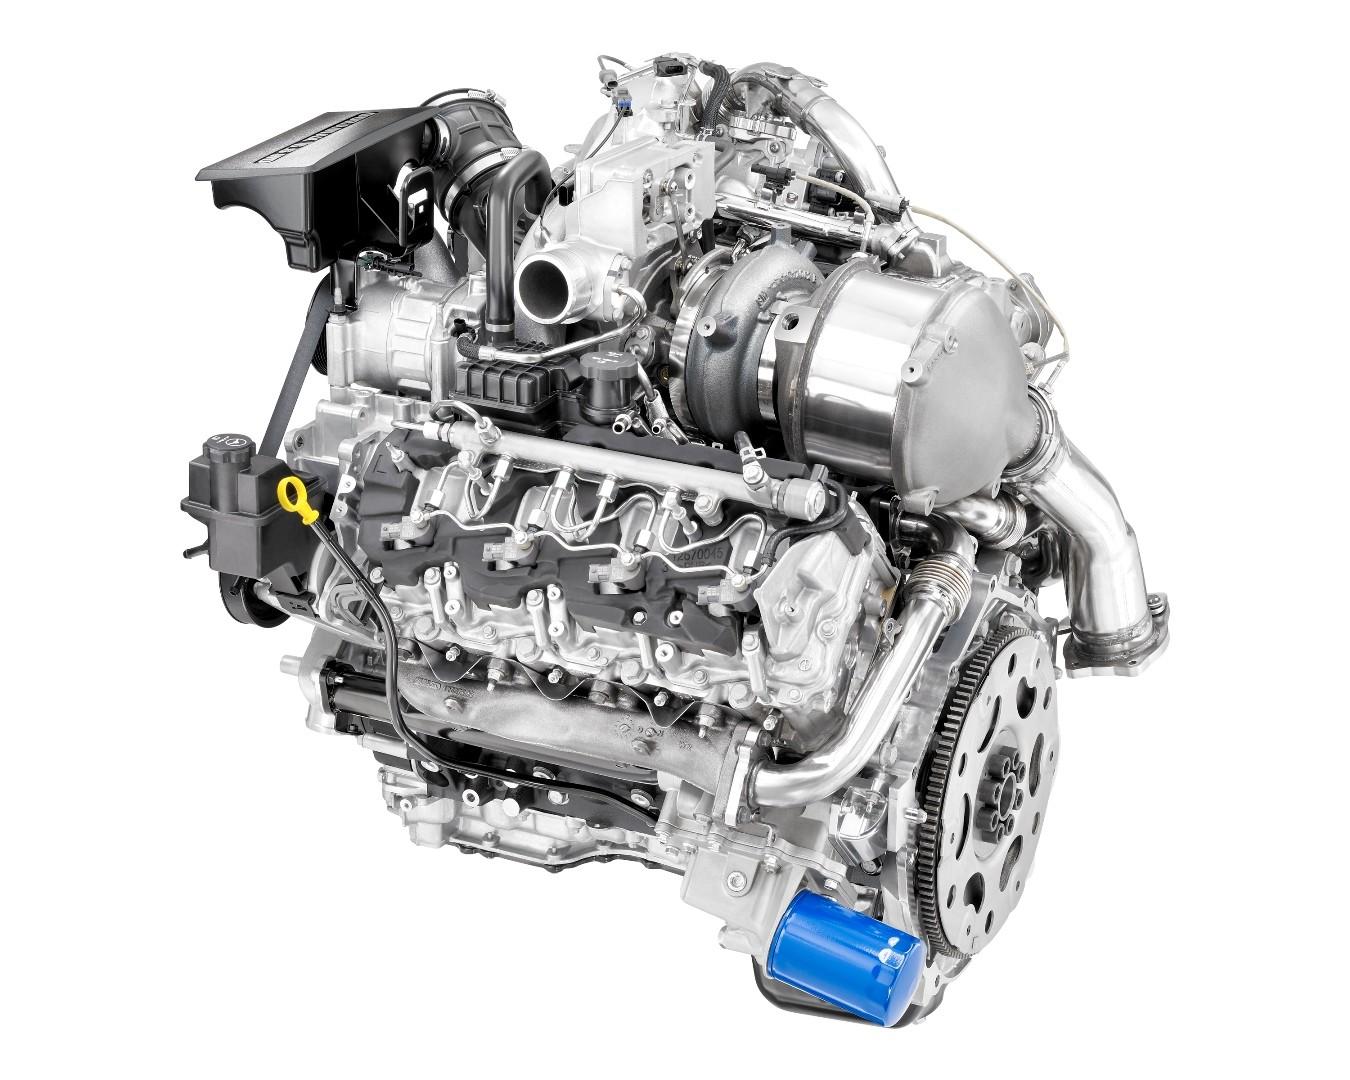 L P Duramax Diesel Is Go In Chevrolet Silverado Hd And Gmc Sierra Hd on Lb7 Cylinder Order